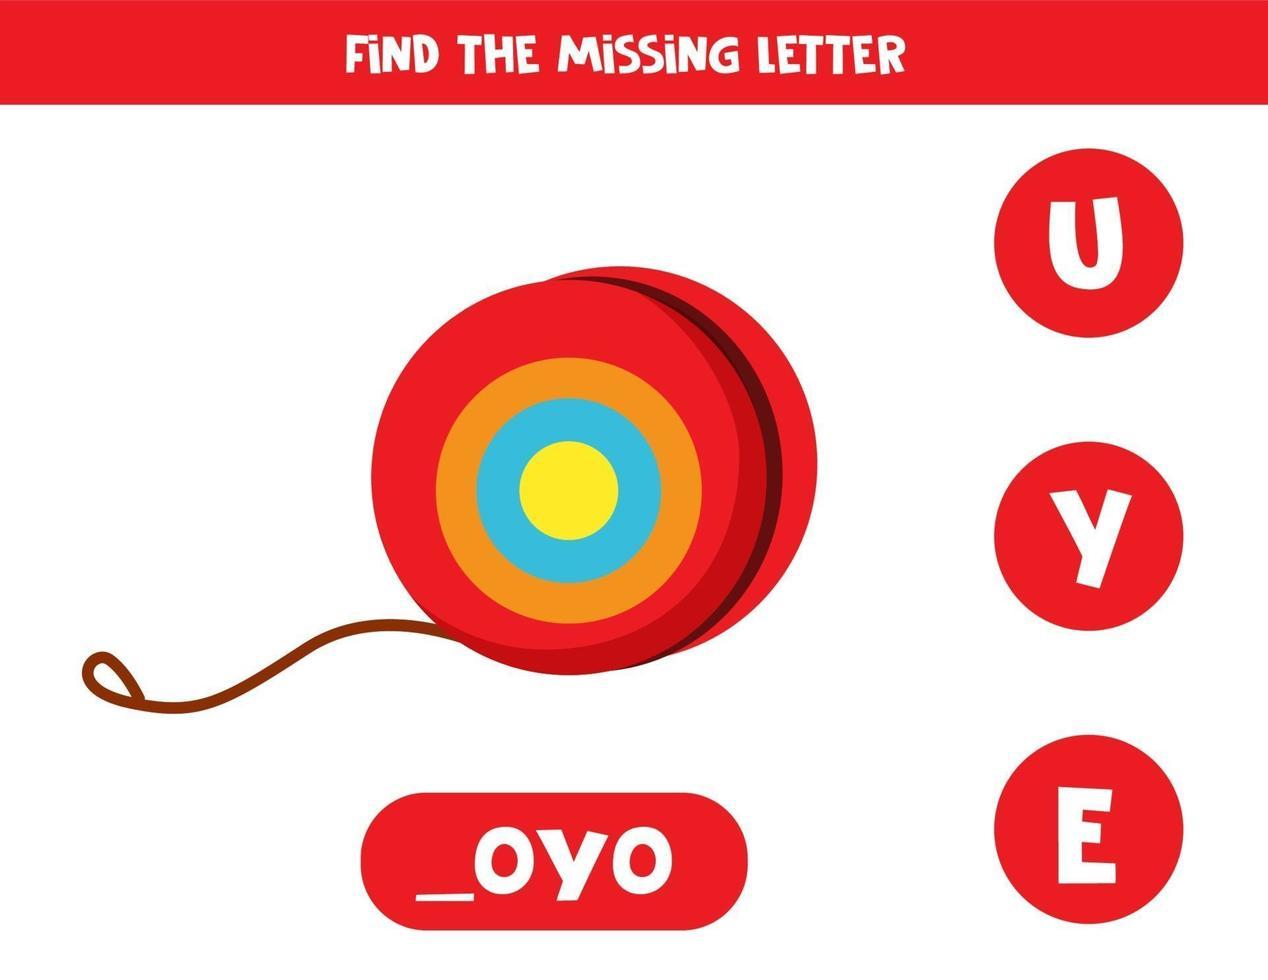 finde fehlenden Buchstaben mit niedlichen Cartoon yoyo. vektor